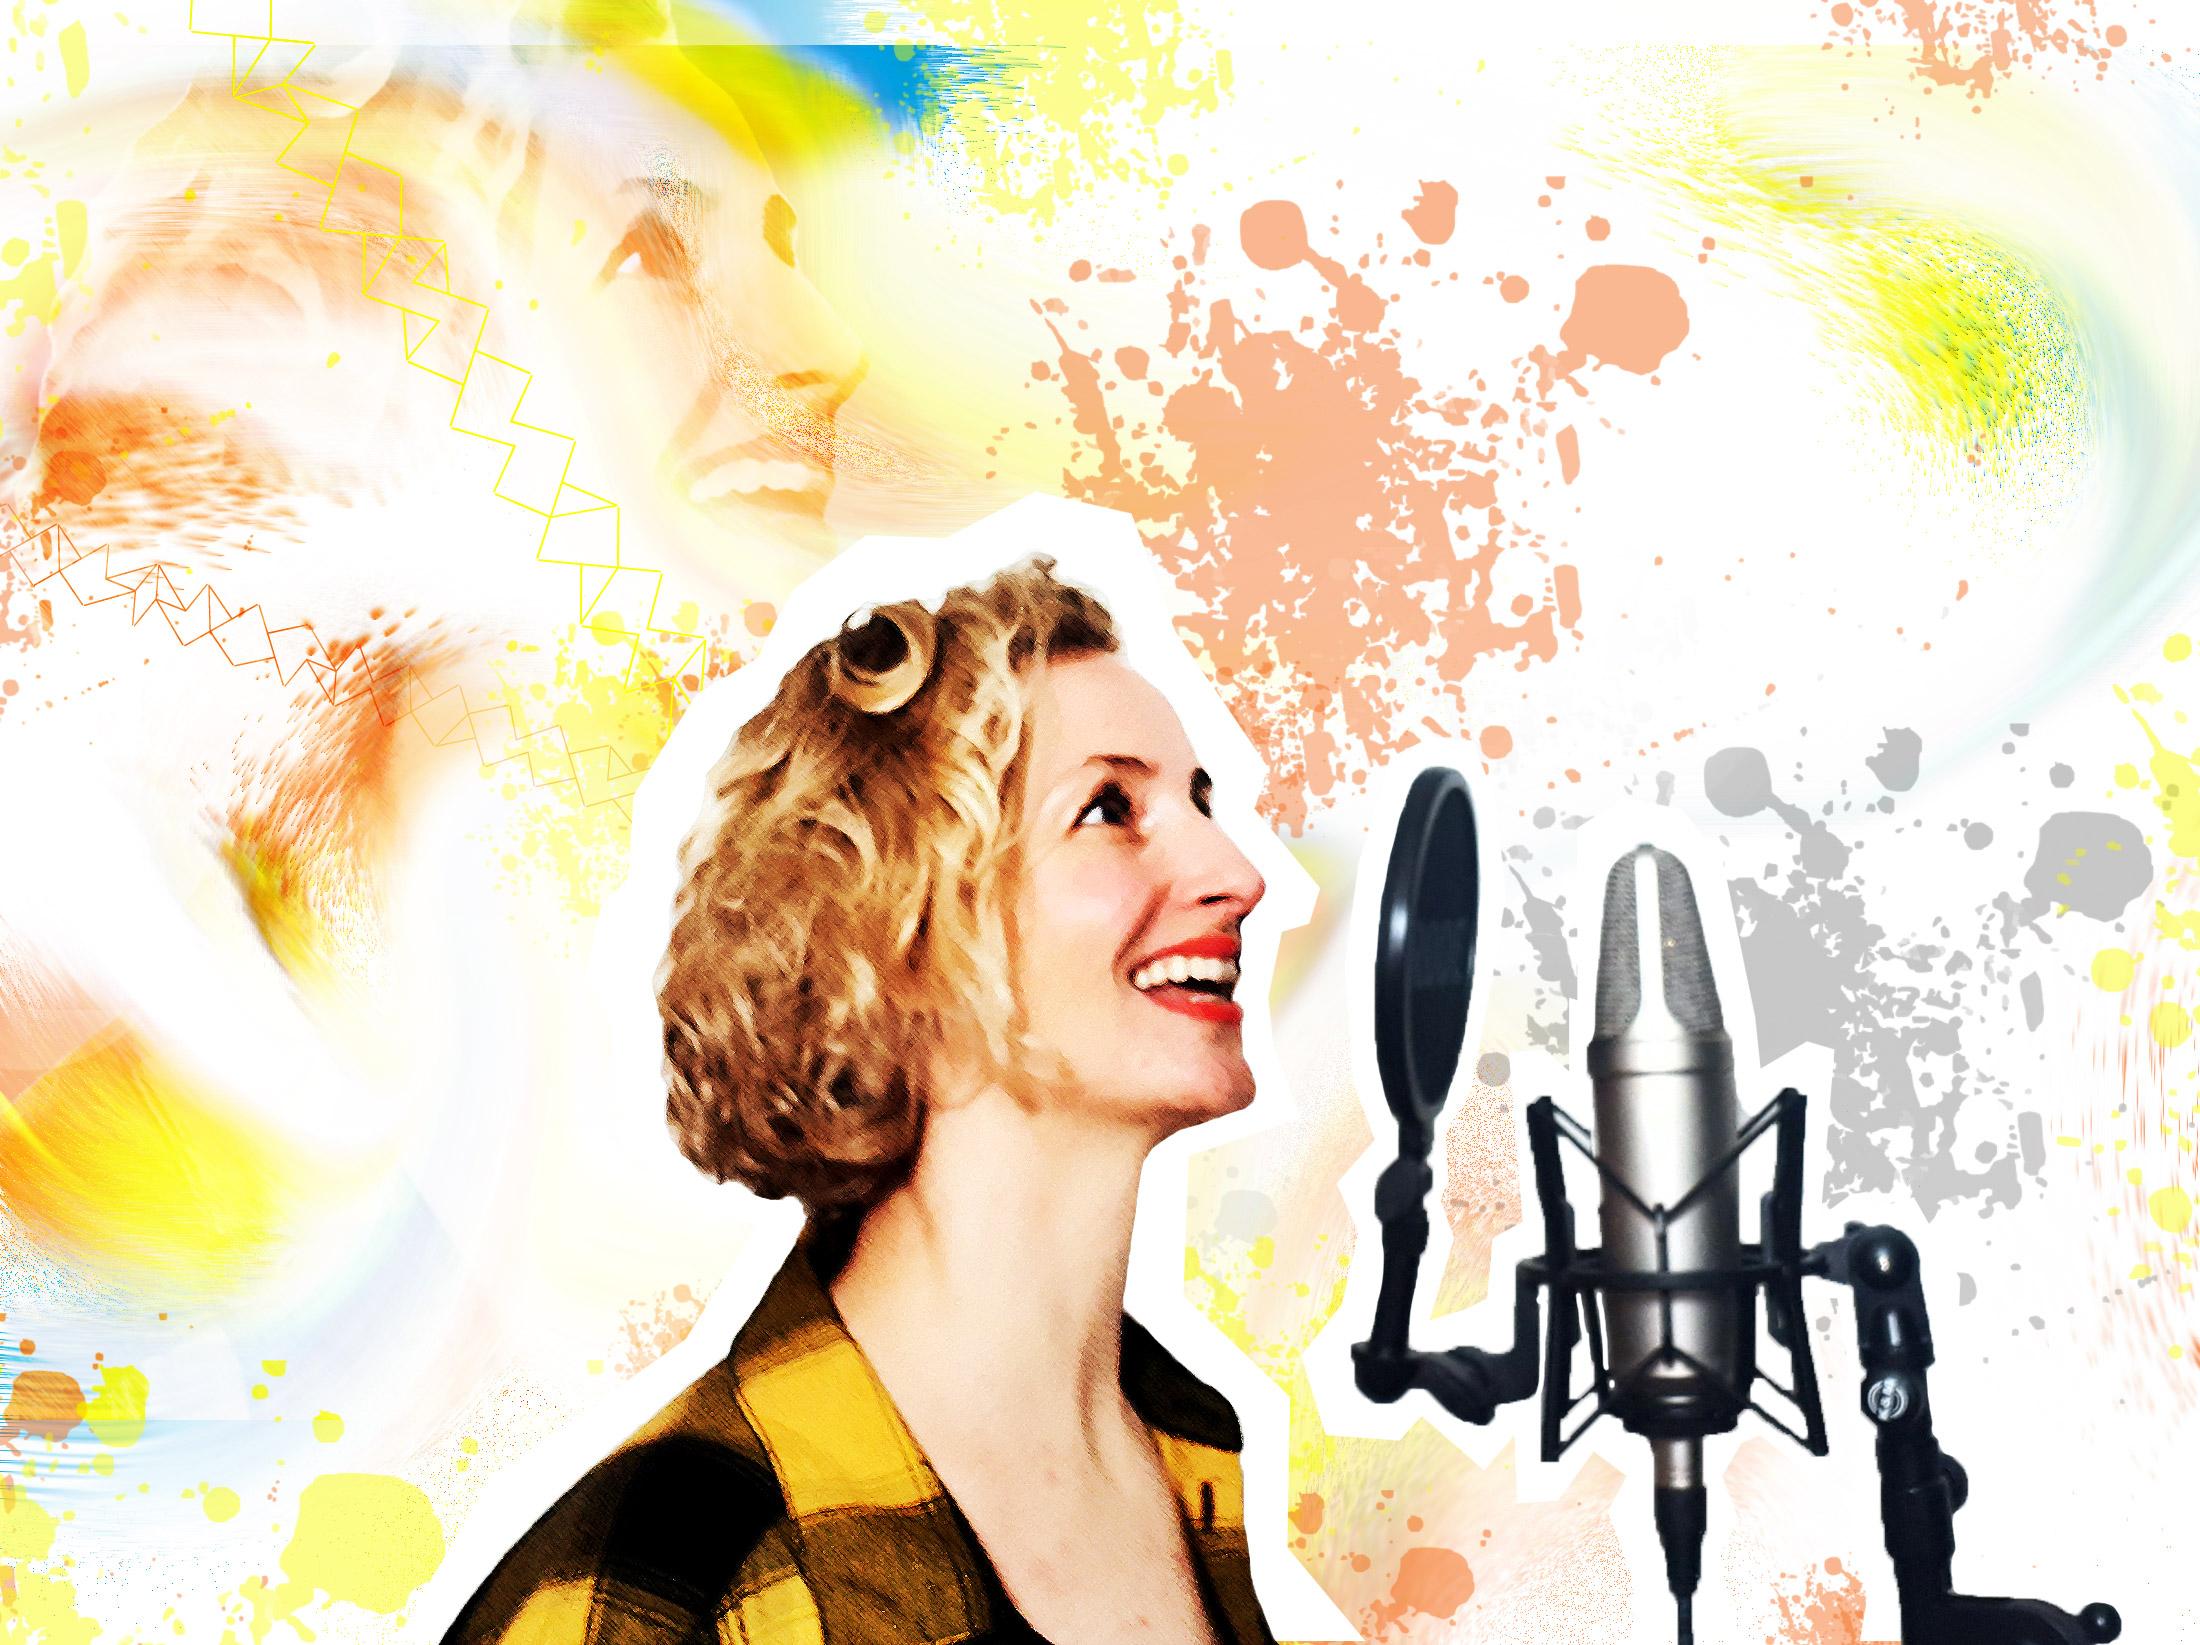 Freisteller von Spoken Word Artist Monika Mertens bei Studioaufnahmen, welcher in einen bunten Hintergrund gesetzt ist.